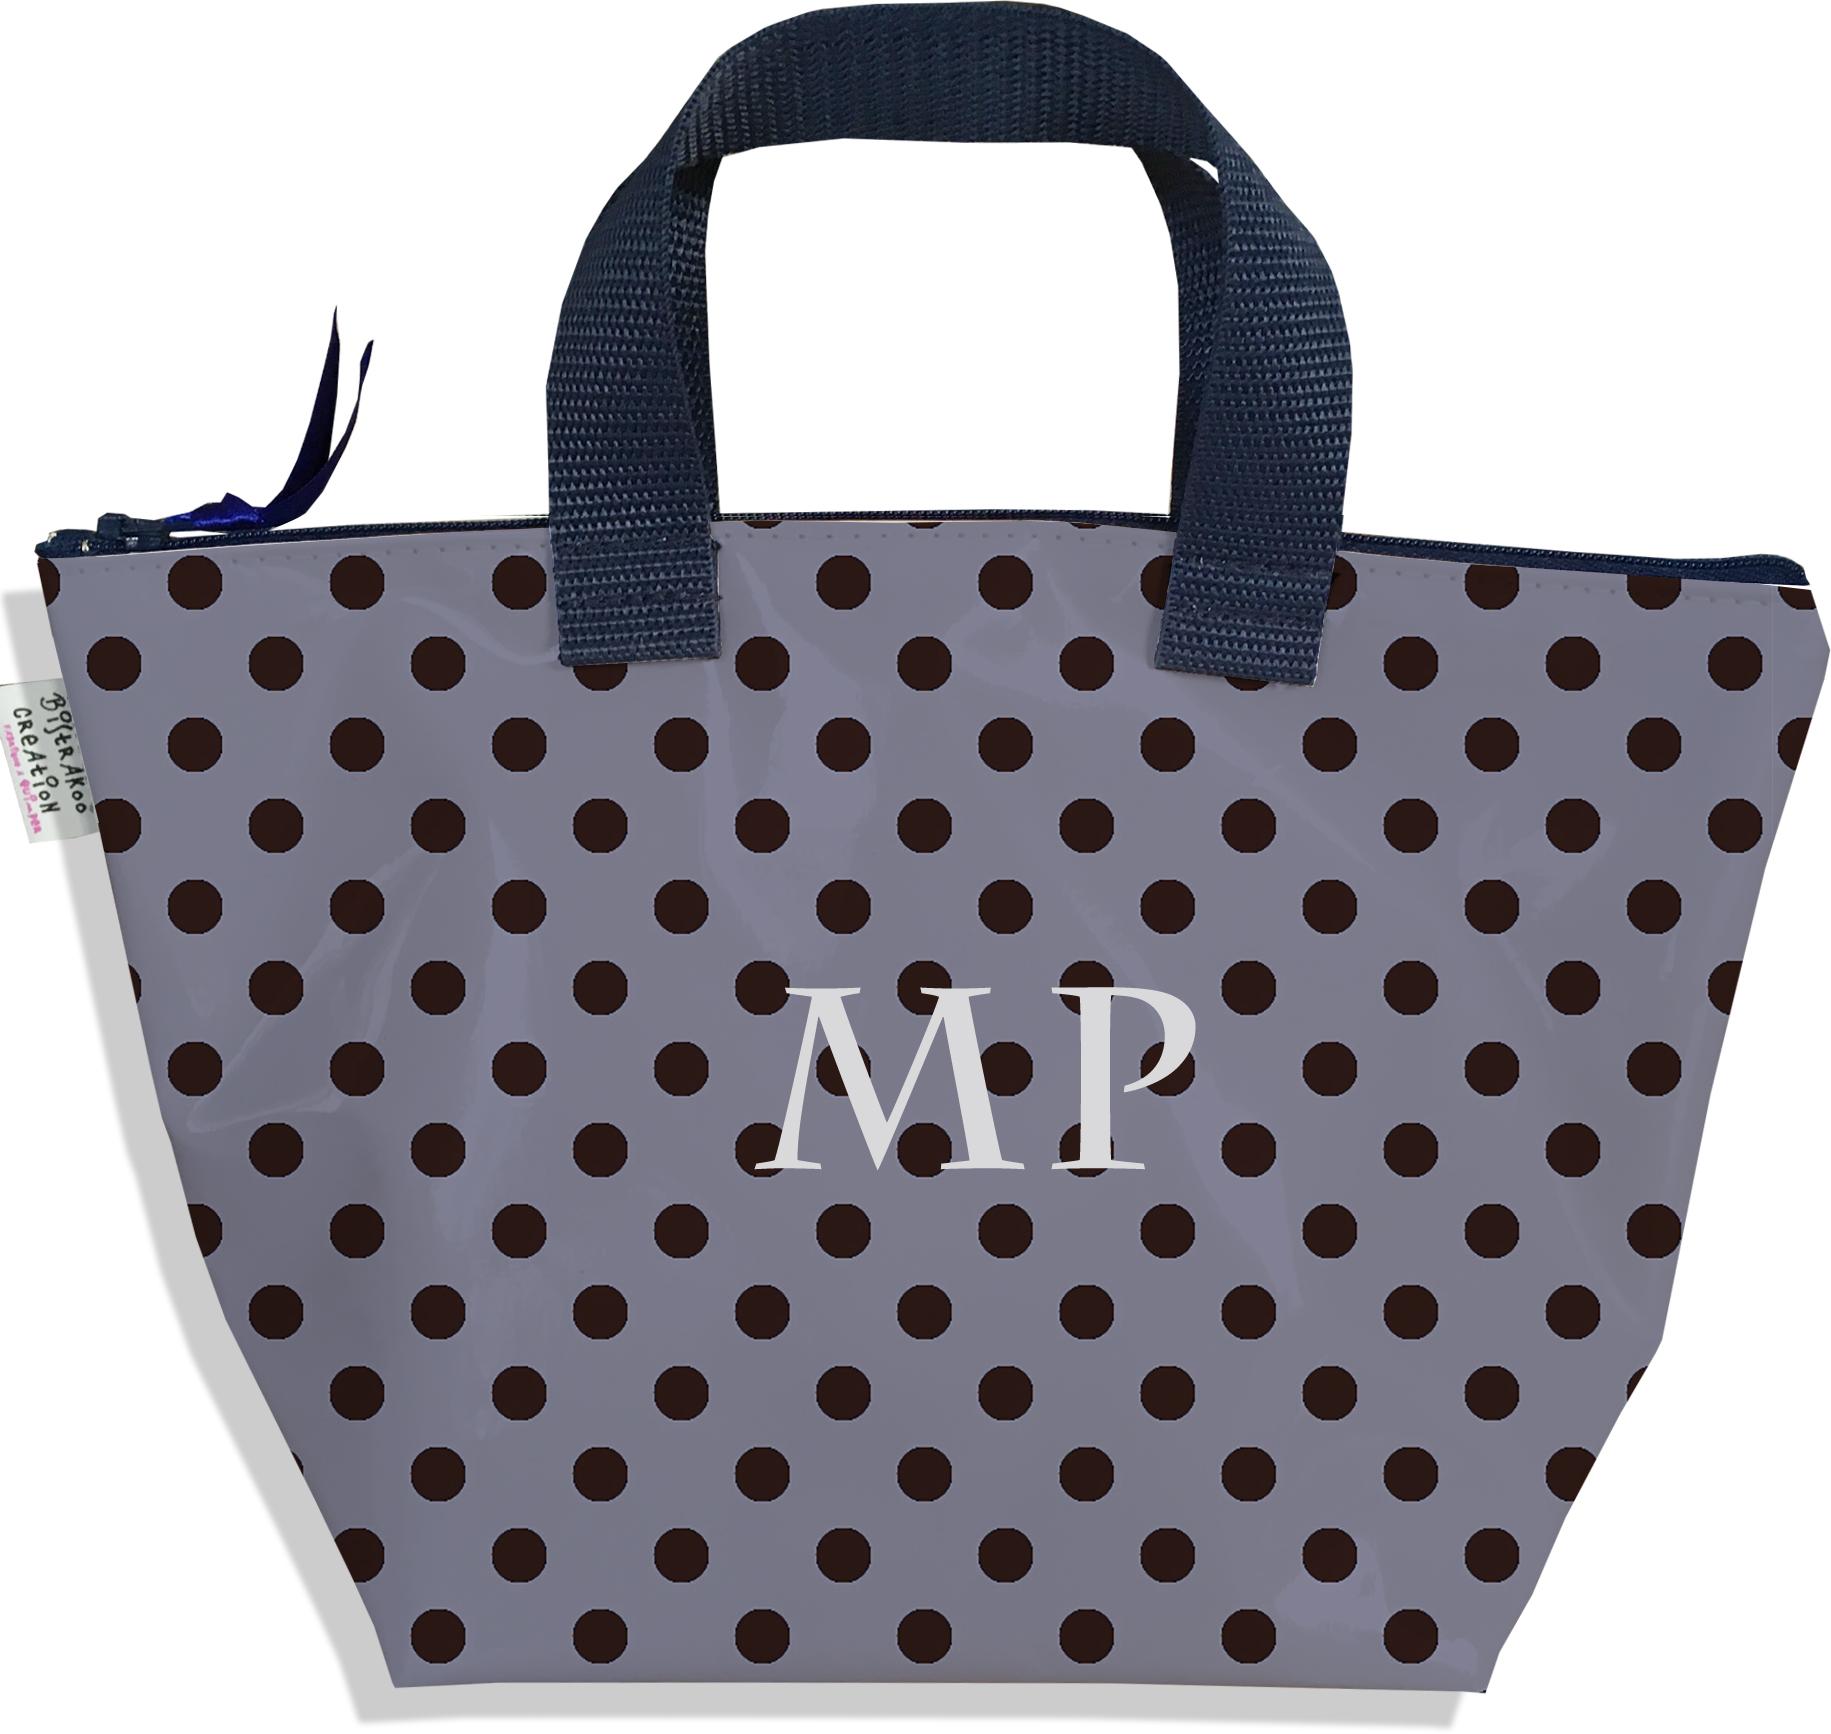 Sac à main zippé pour fille personnalisable motif Pois noirs fond gris P2057